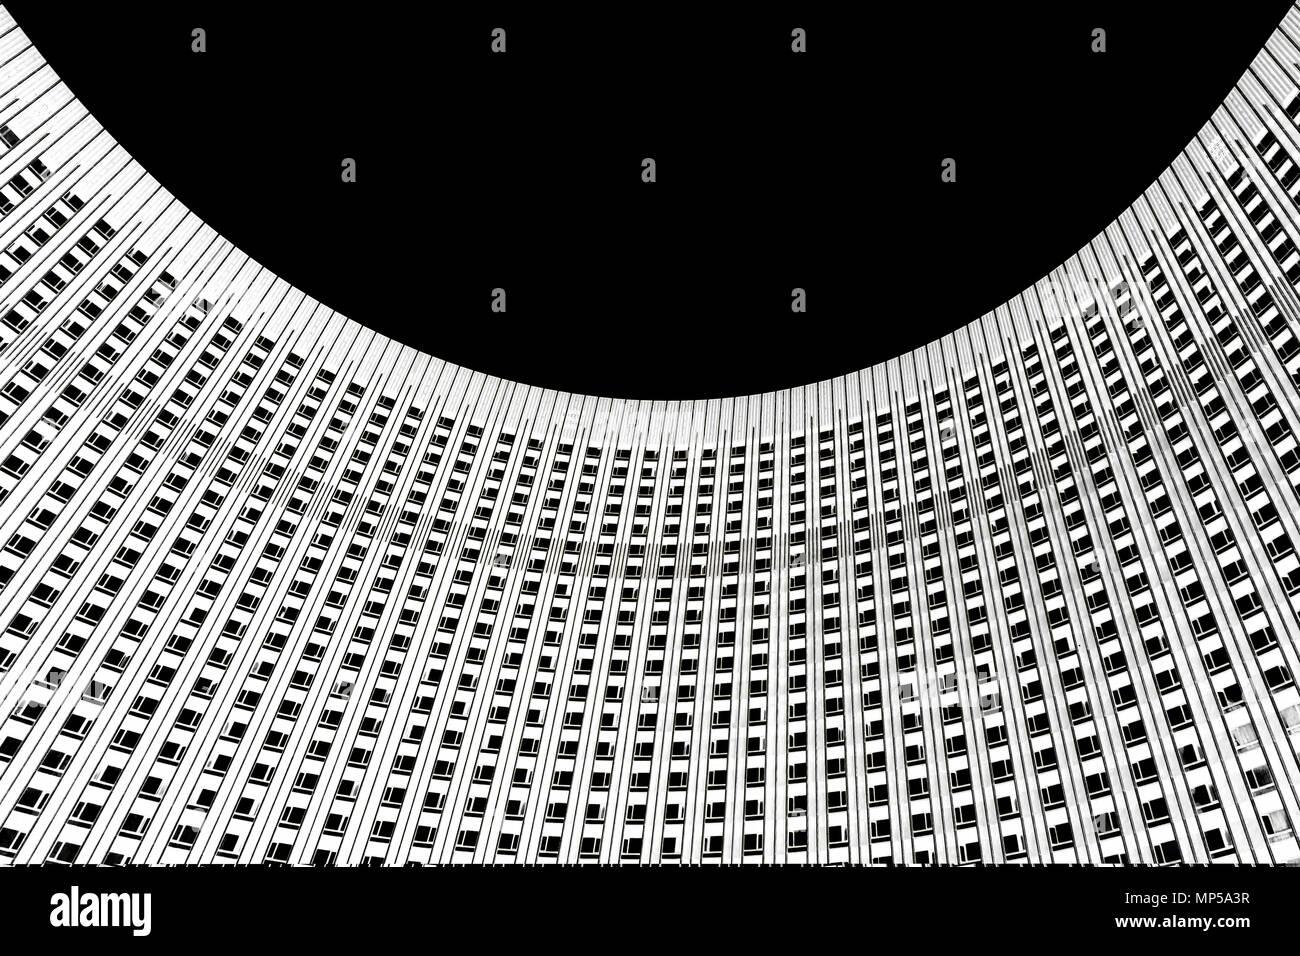 Architecture Noir Et Blanc Résumé La Conception Architecturale